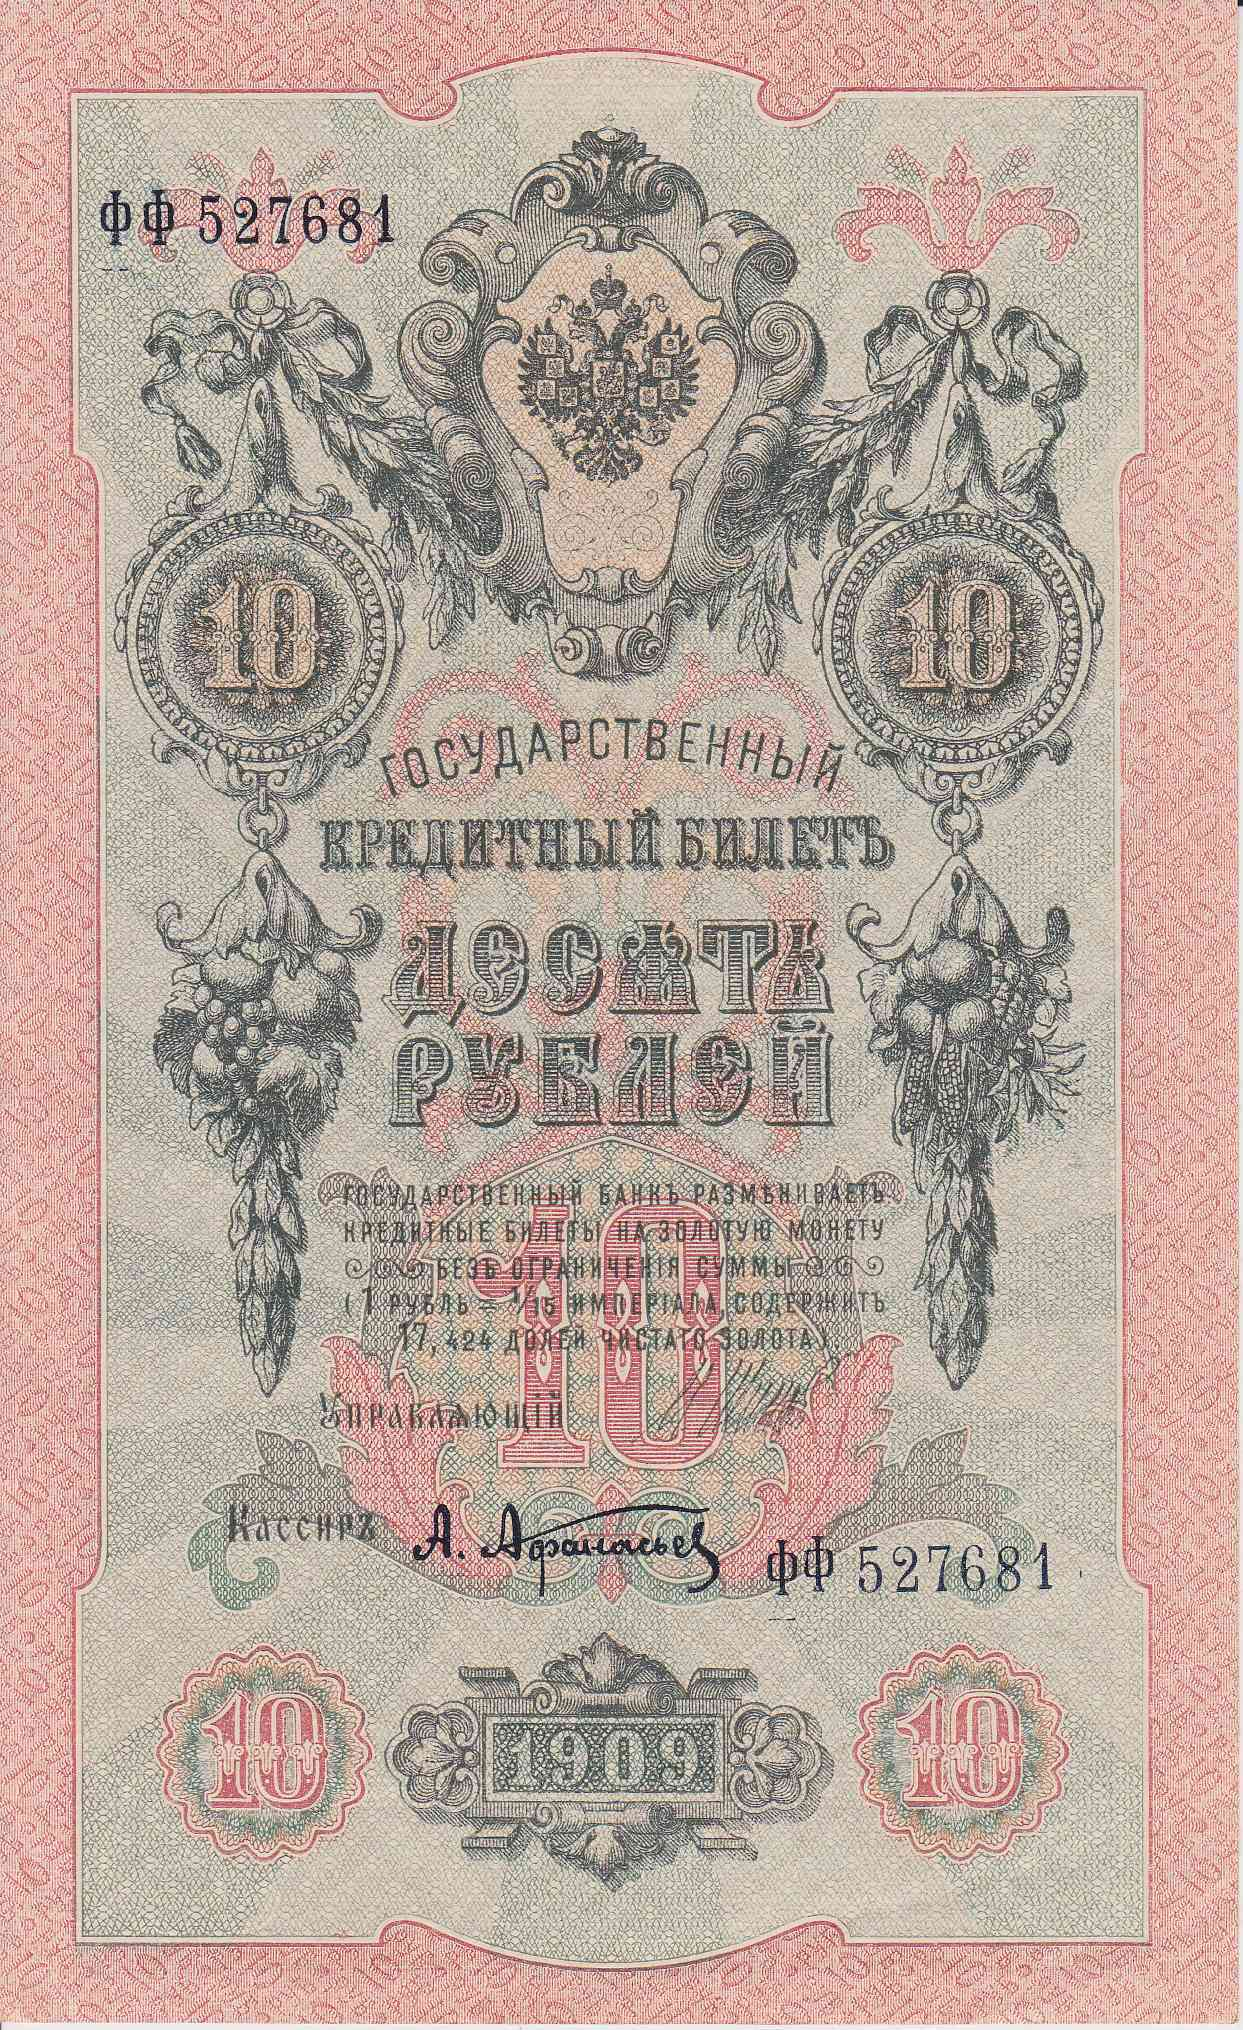 Банкнота Россия 1909 год 10 рублей Шипов/Афанасьев ФФ